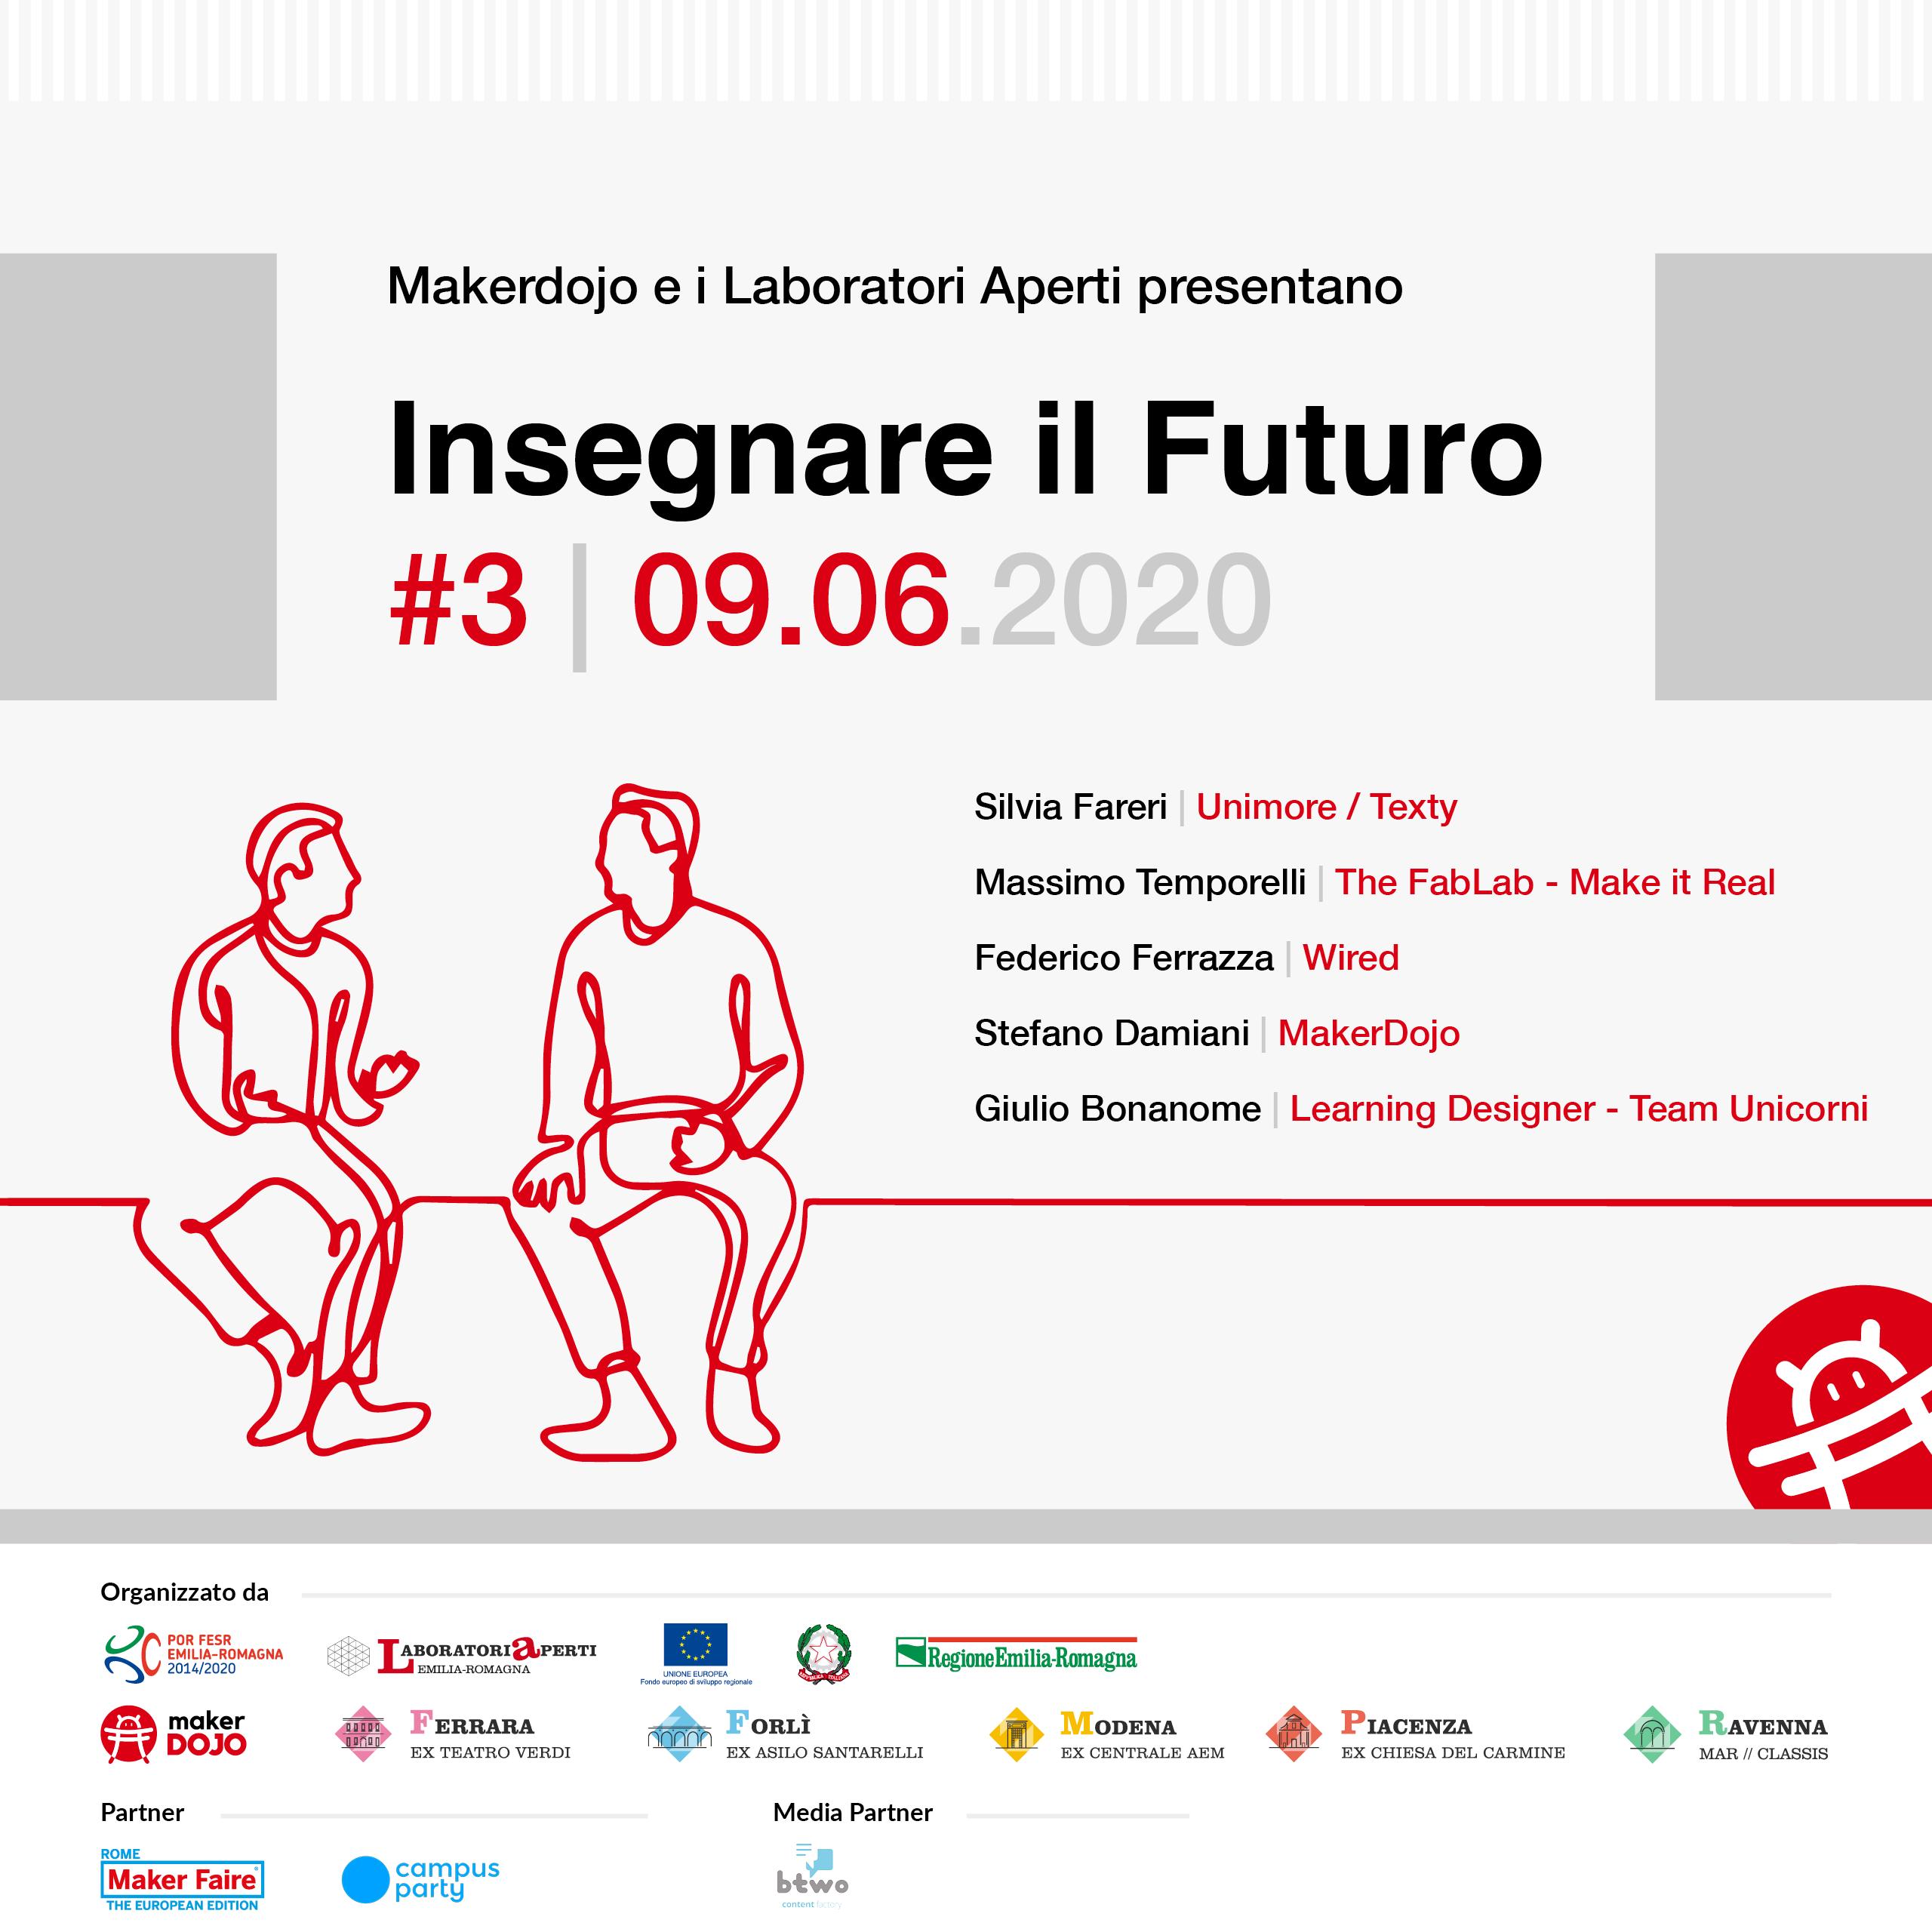 INSEGNARE IL FUTURO #3